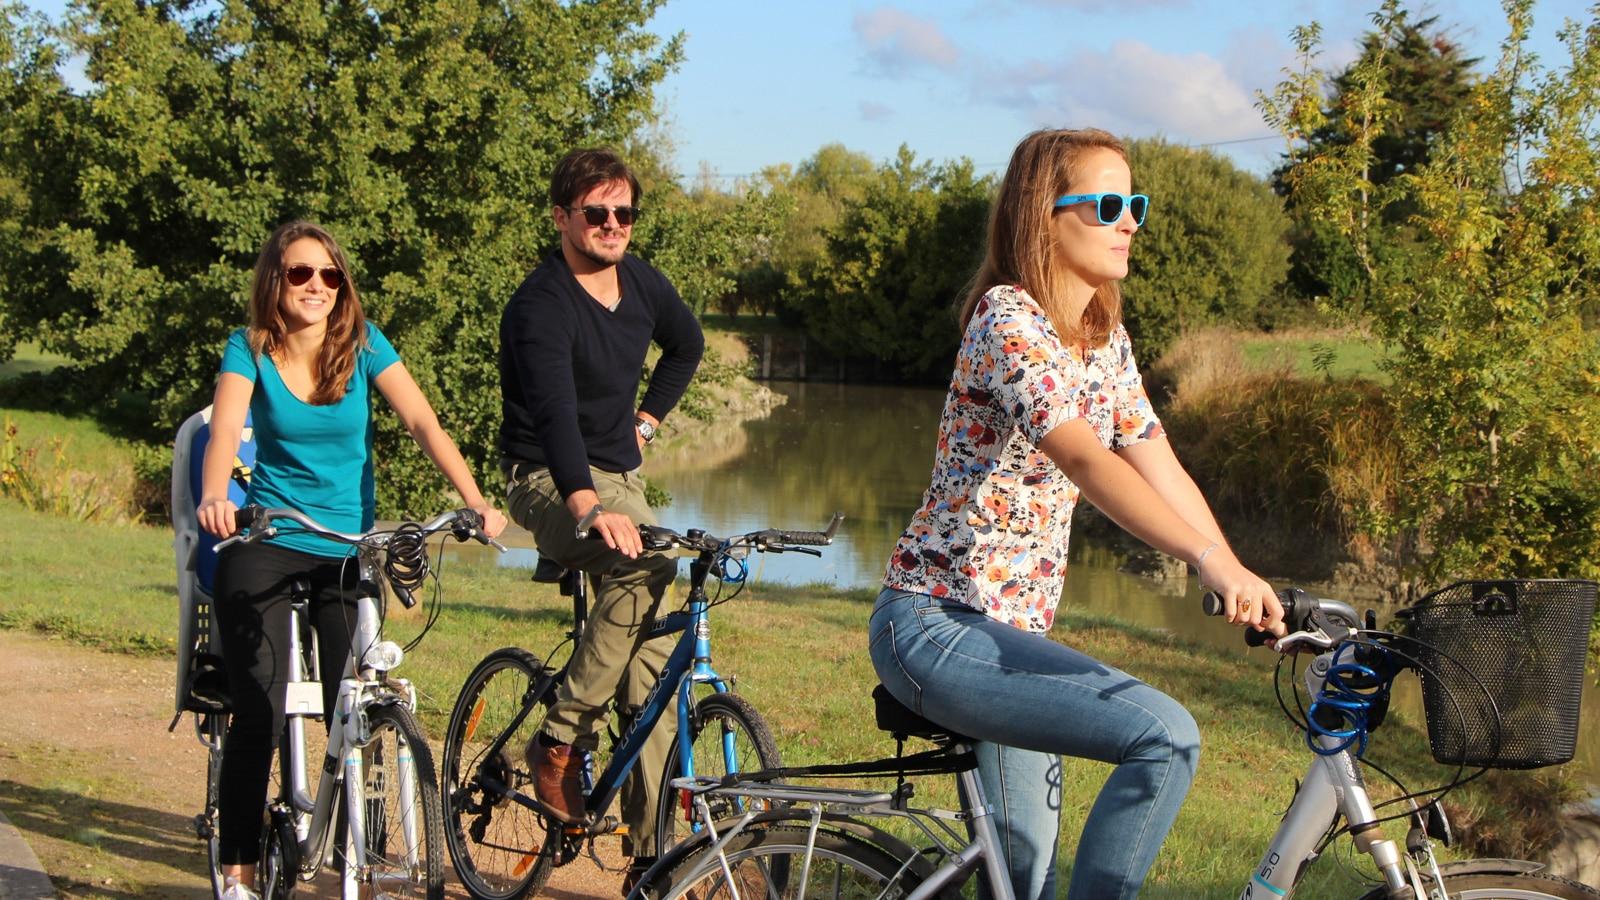 cycle-paths-le perrier-michel-arnaud-pays-de-saint-jean-de-monts